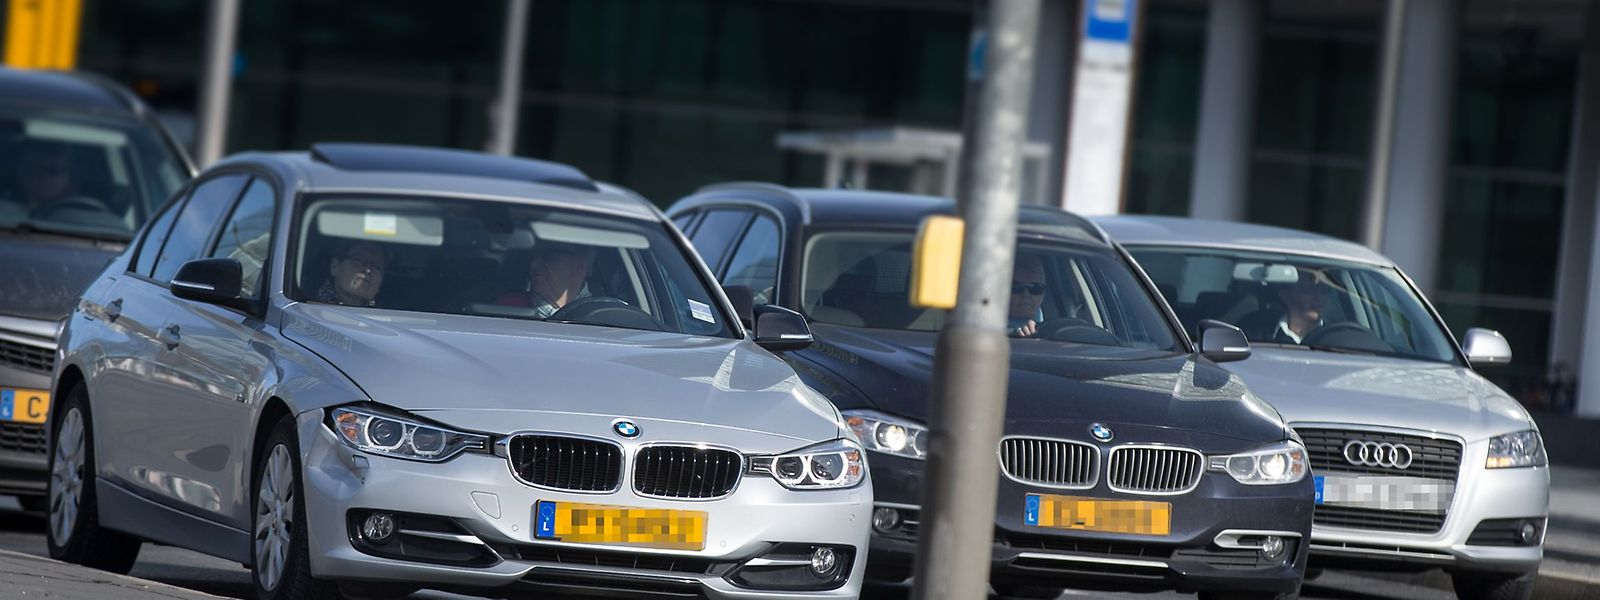 Firmenwagen sind für Arbeitnehmer ein beliebtes Extra bei Gehaltsverhandlungen. Meist darf das Fahrzeug auch für den Weg zur Arbeitsstätte sowie private Zwecke benutzt werden.